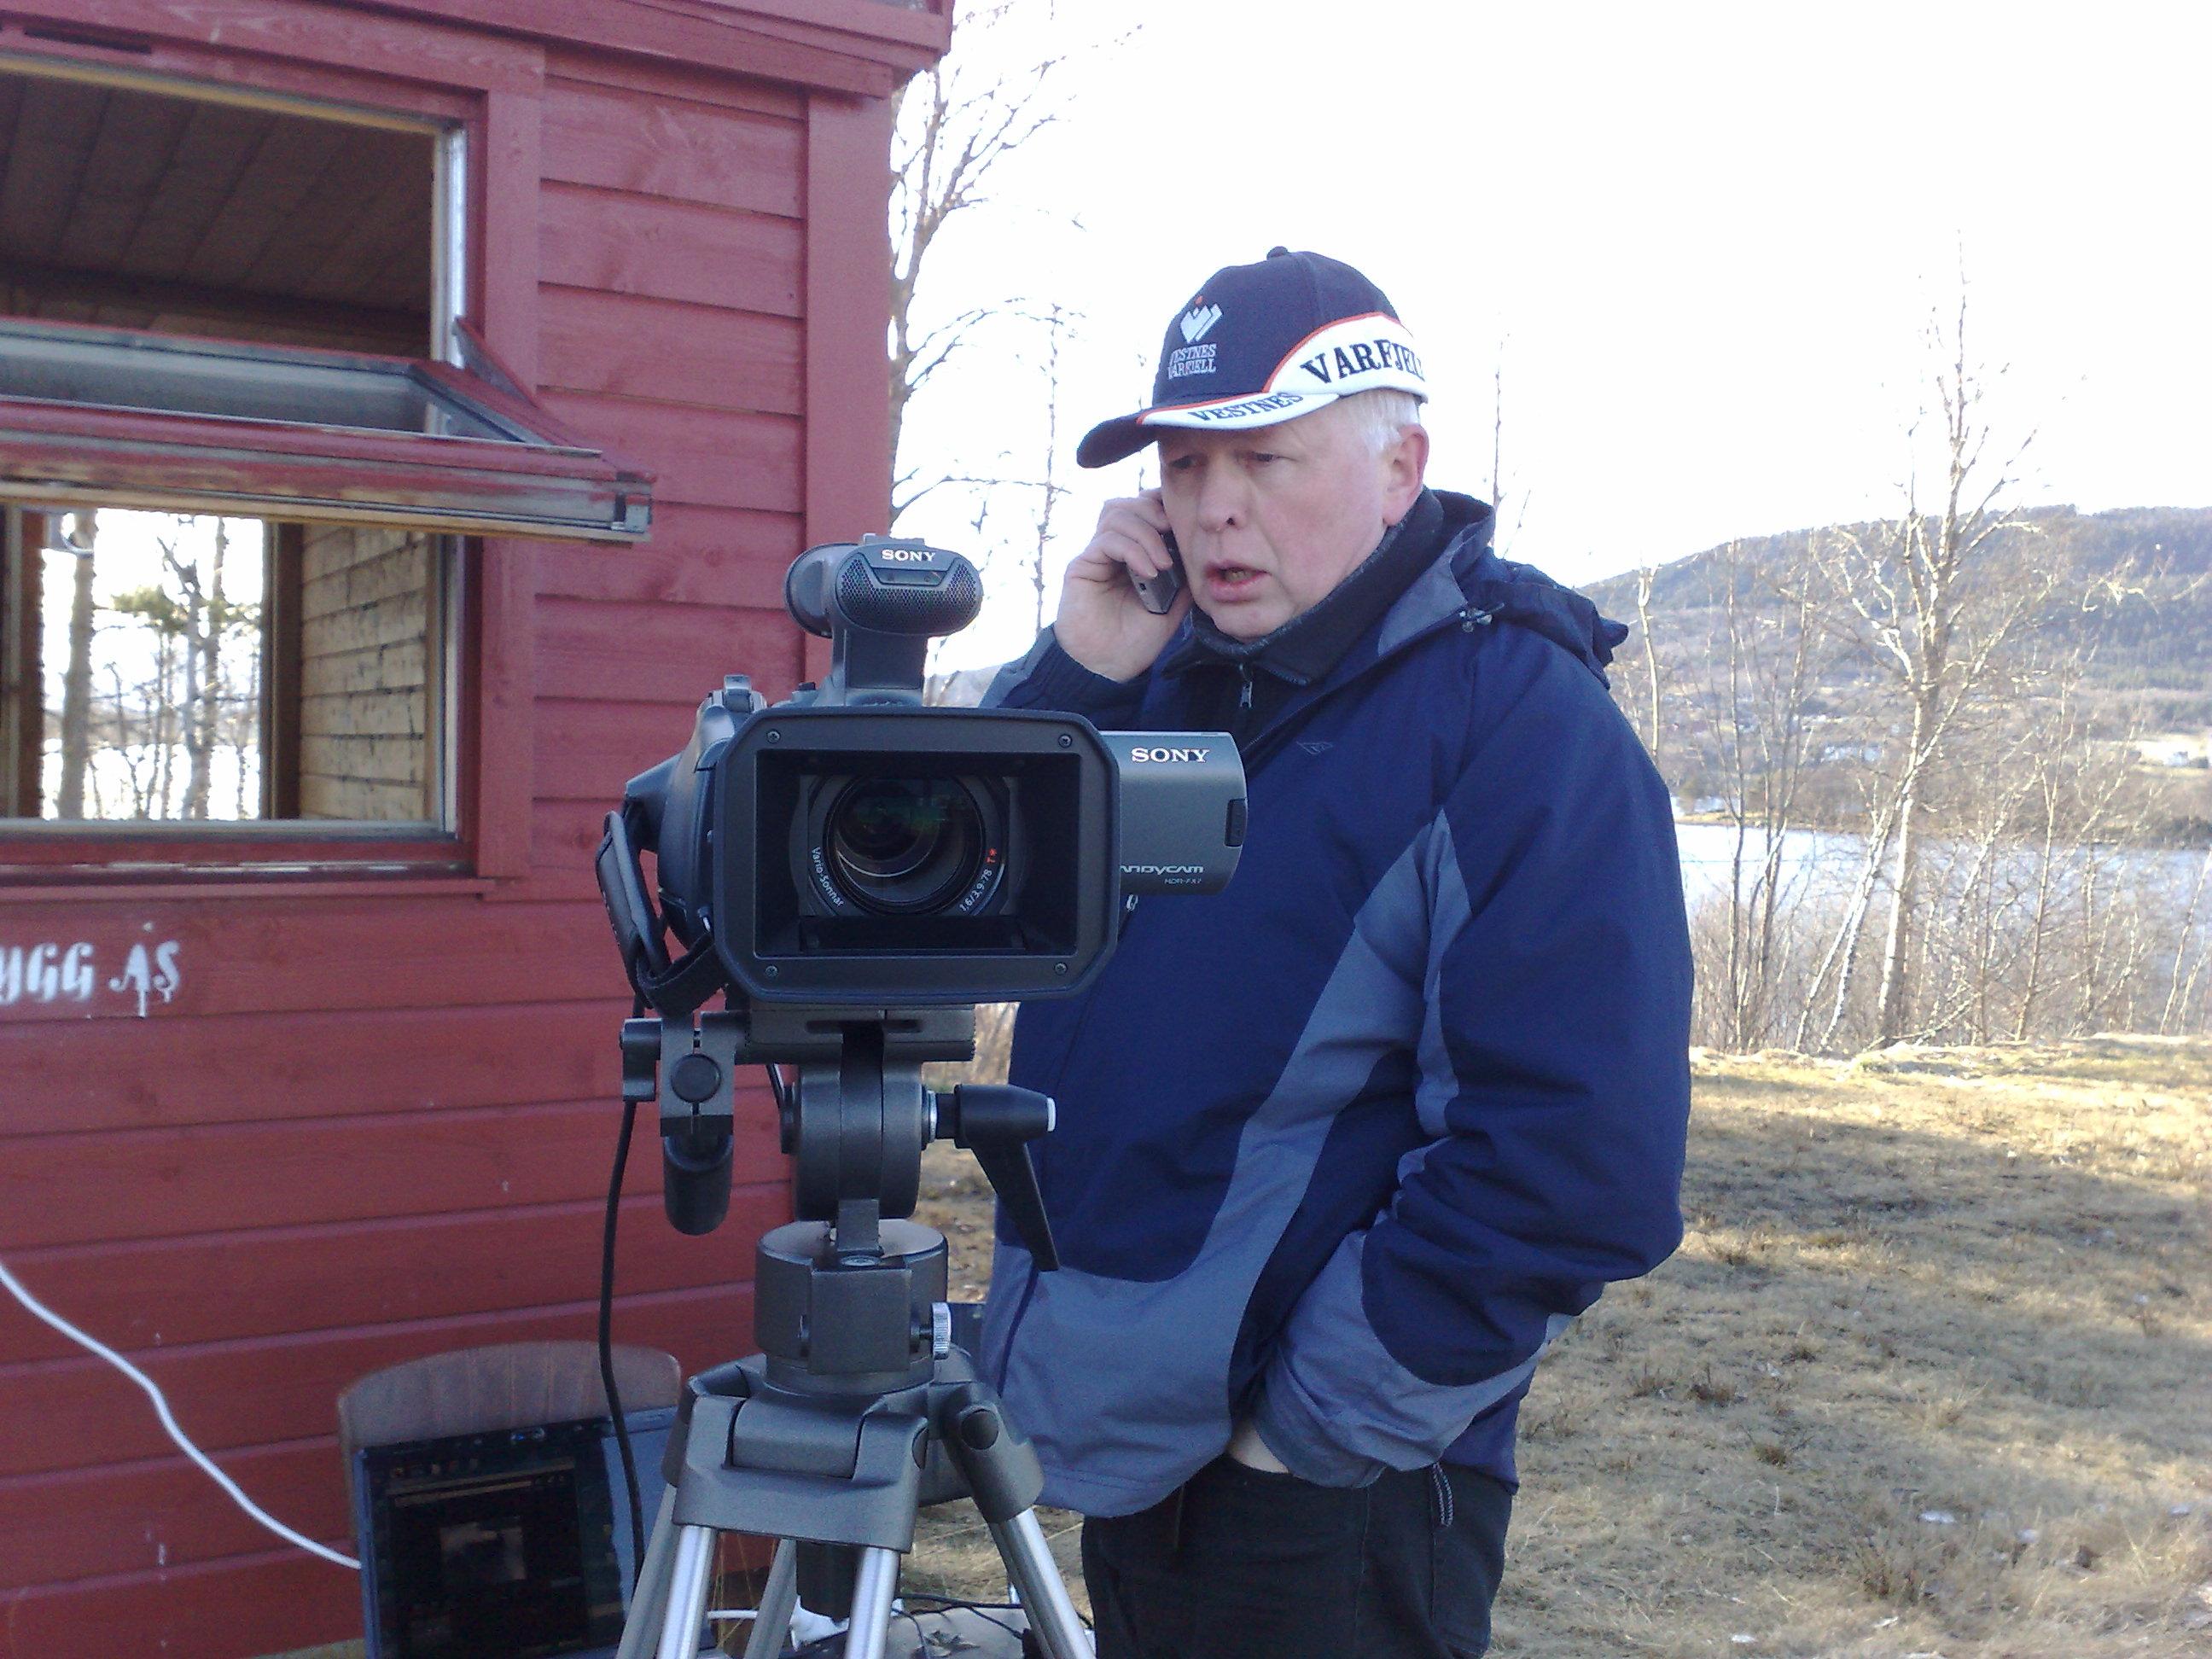 Asbjørn Vik gjer klart til direkteoverføring.